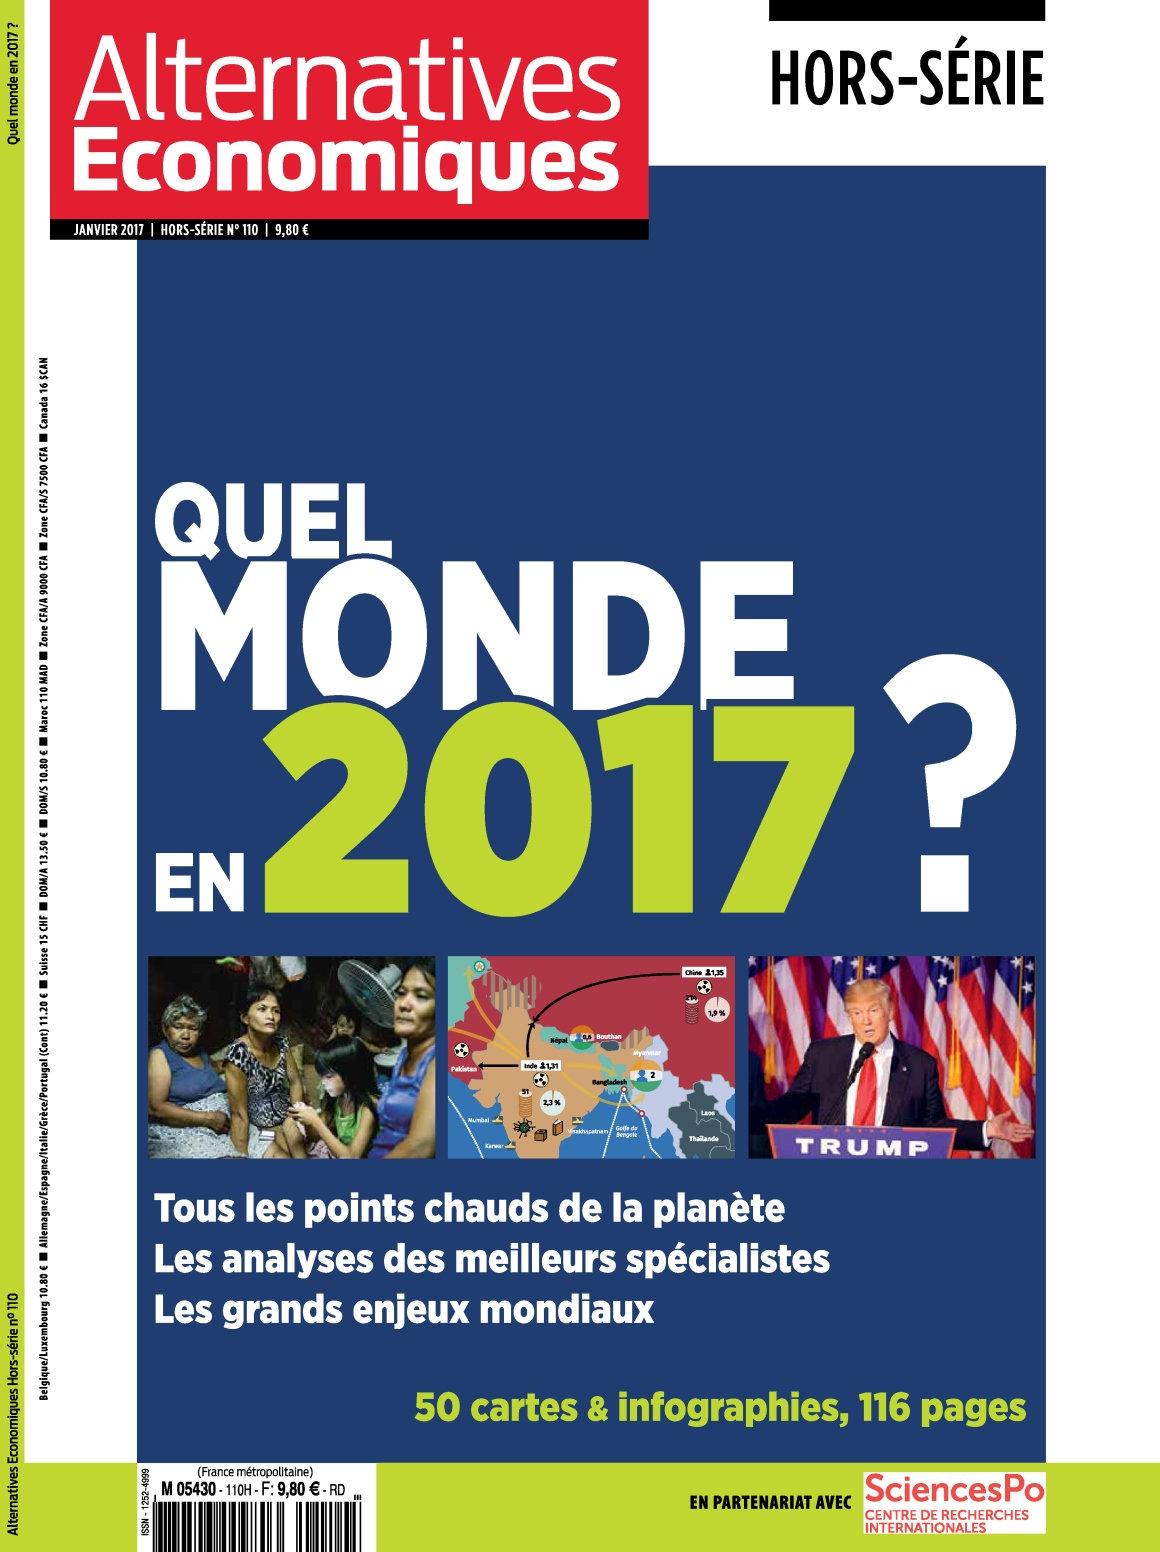 Alternatives Économiques Hors-Série N°110 - Janvier 2017